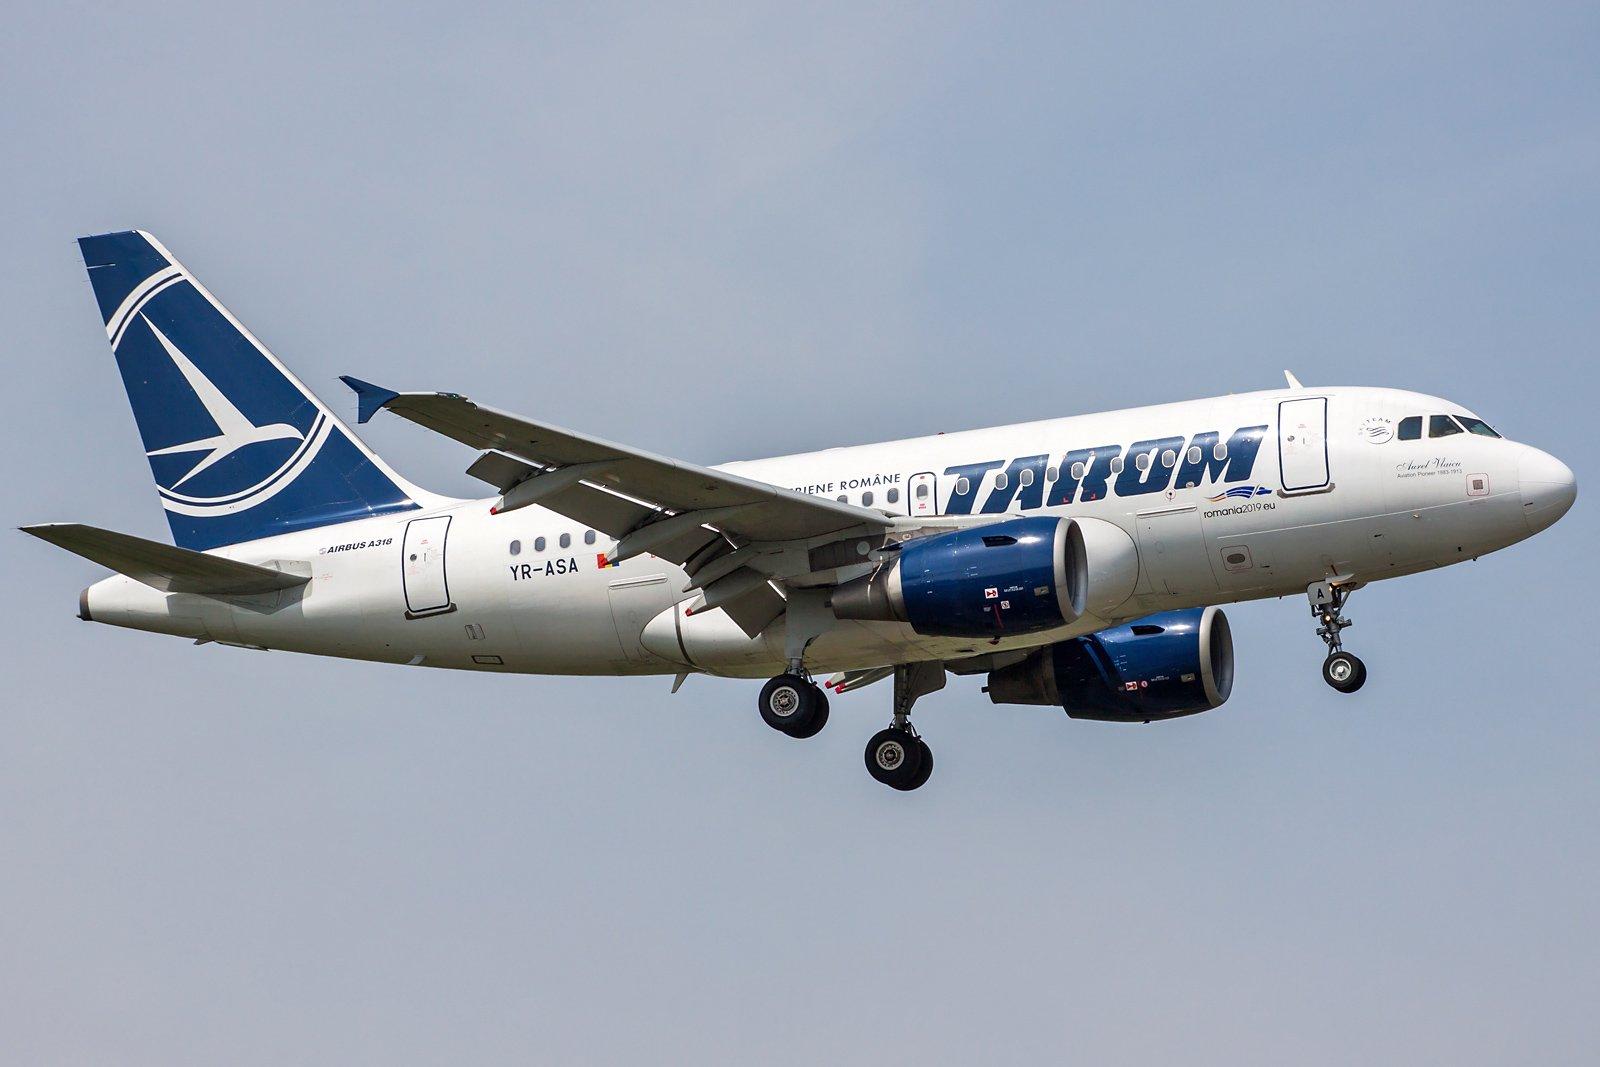 TAROM Airbus A318-111 YR-ASA